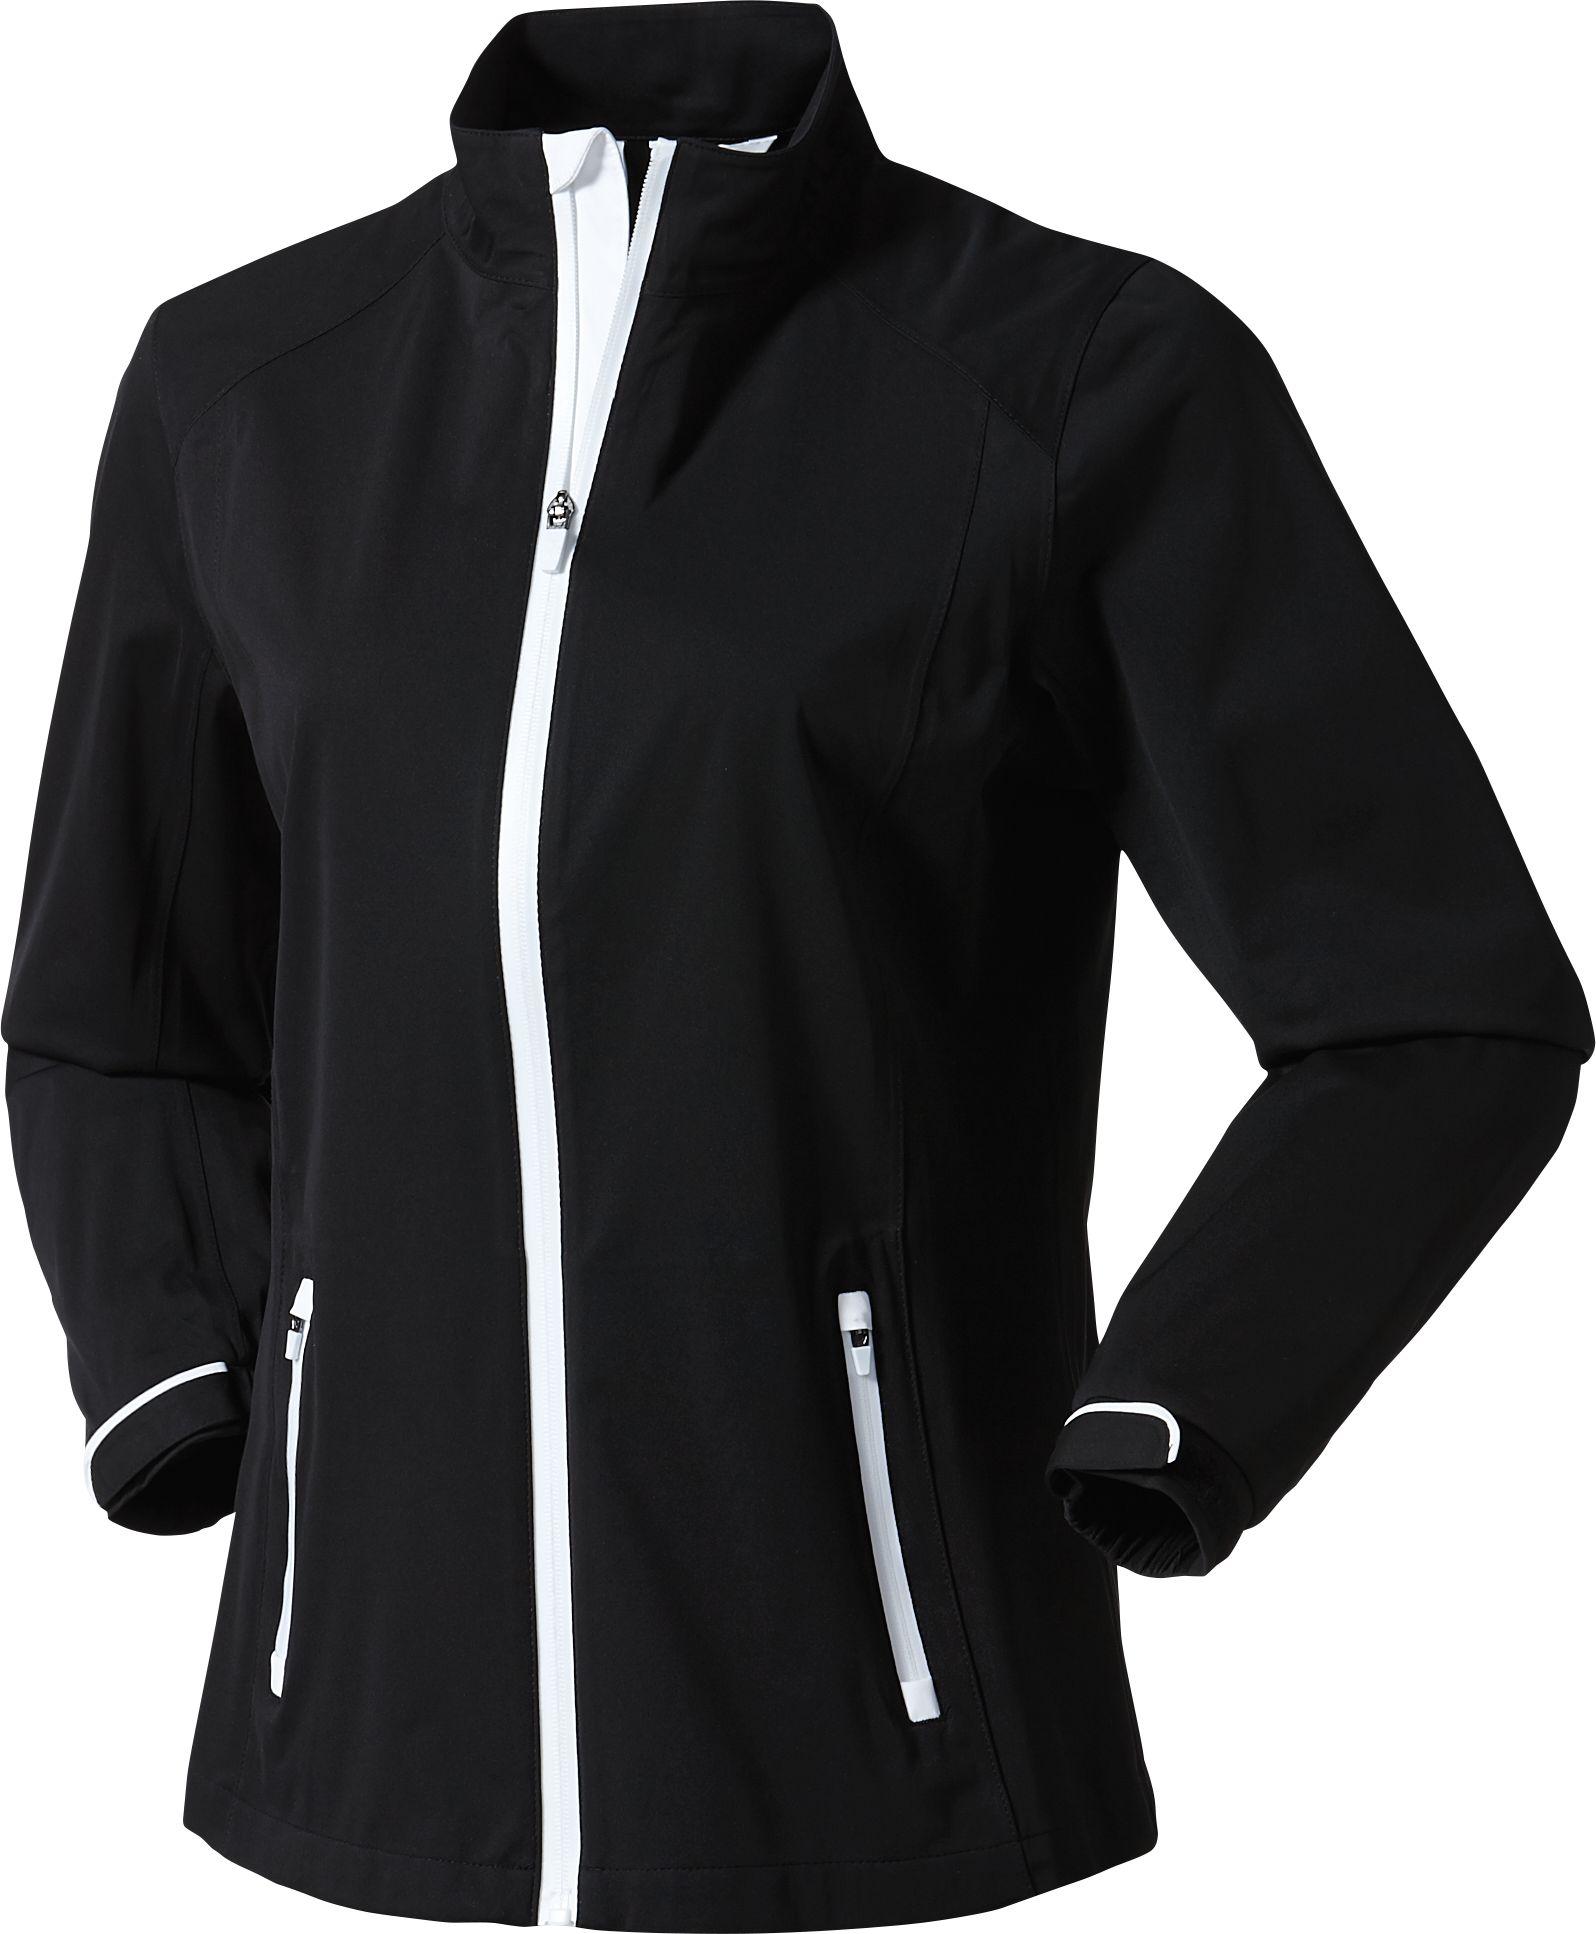 White sierra women's rain jacket